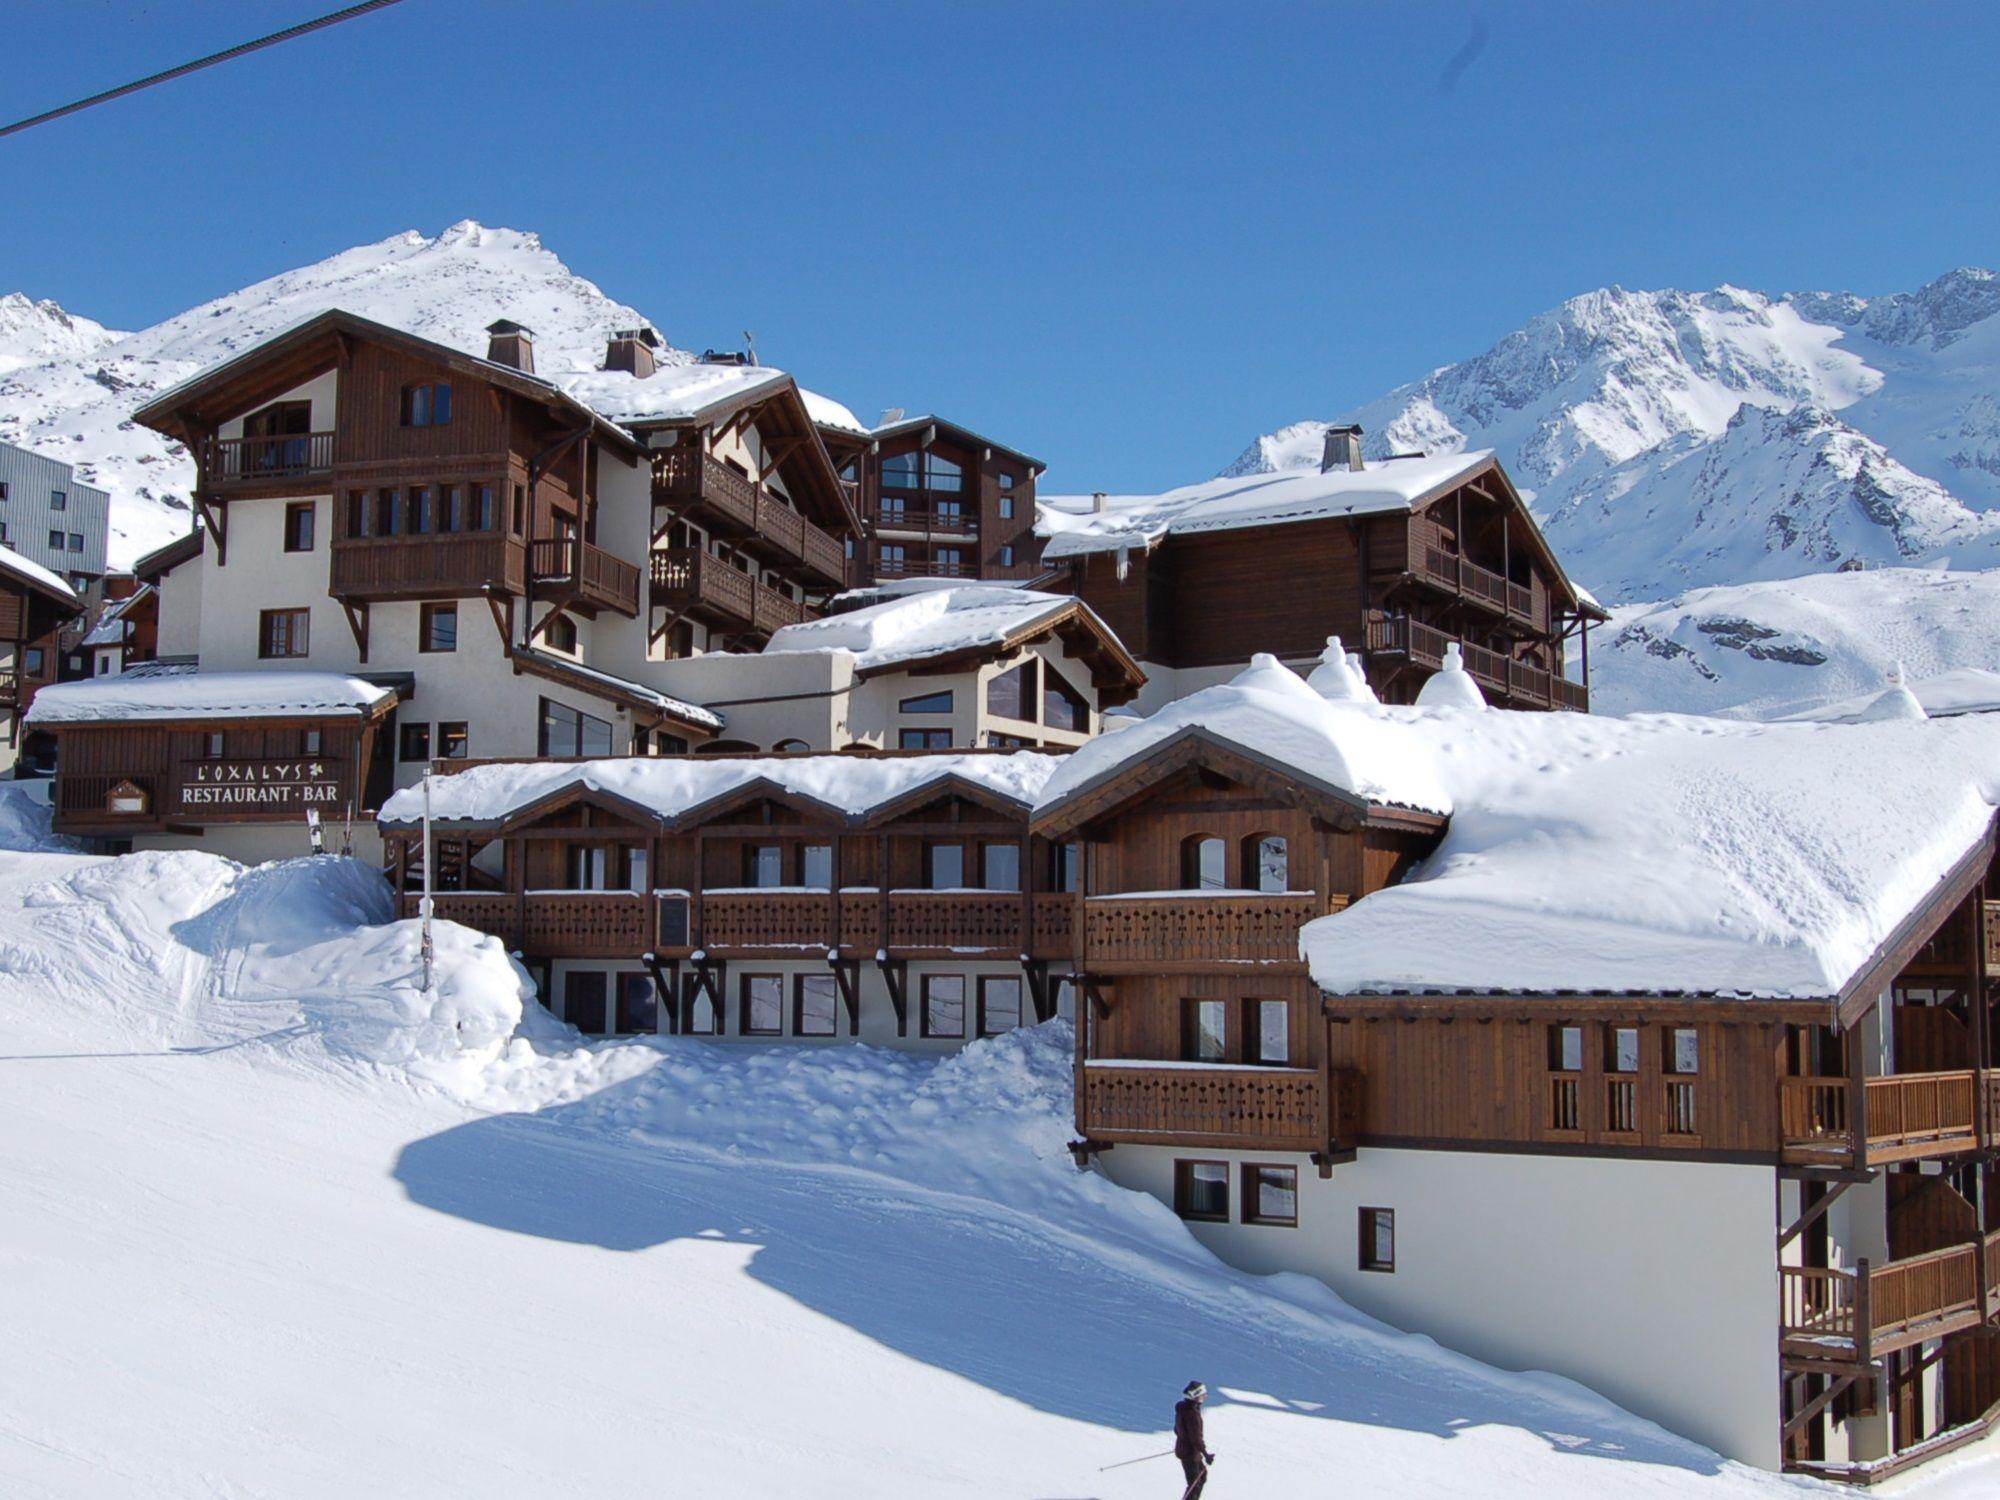 Chalet-appartement Montagnettes Oxalys met open haard - 4 ...